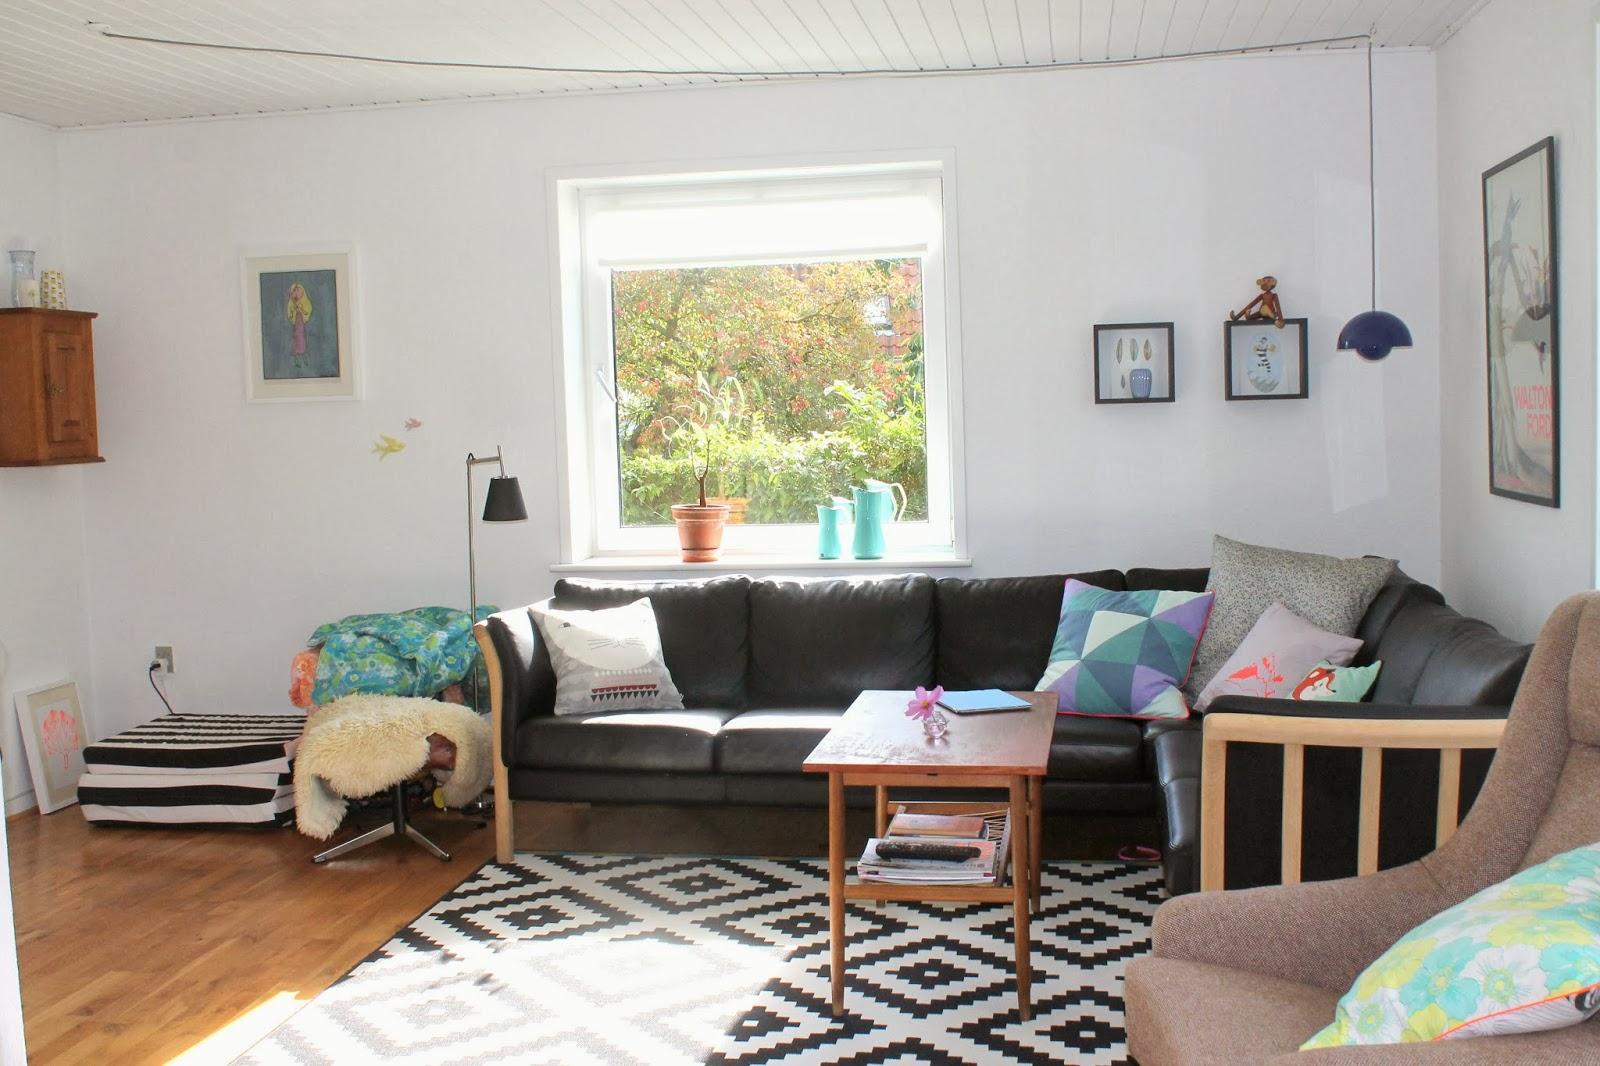 Vaga vong: stuen og puder